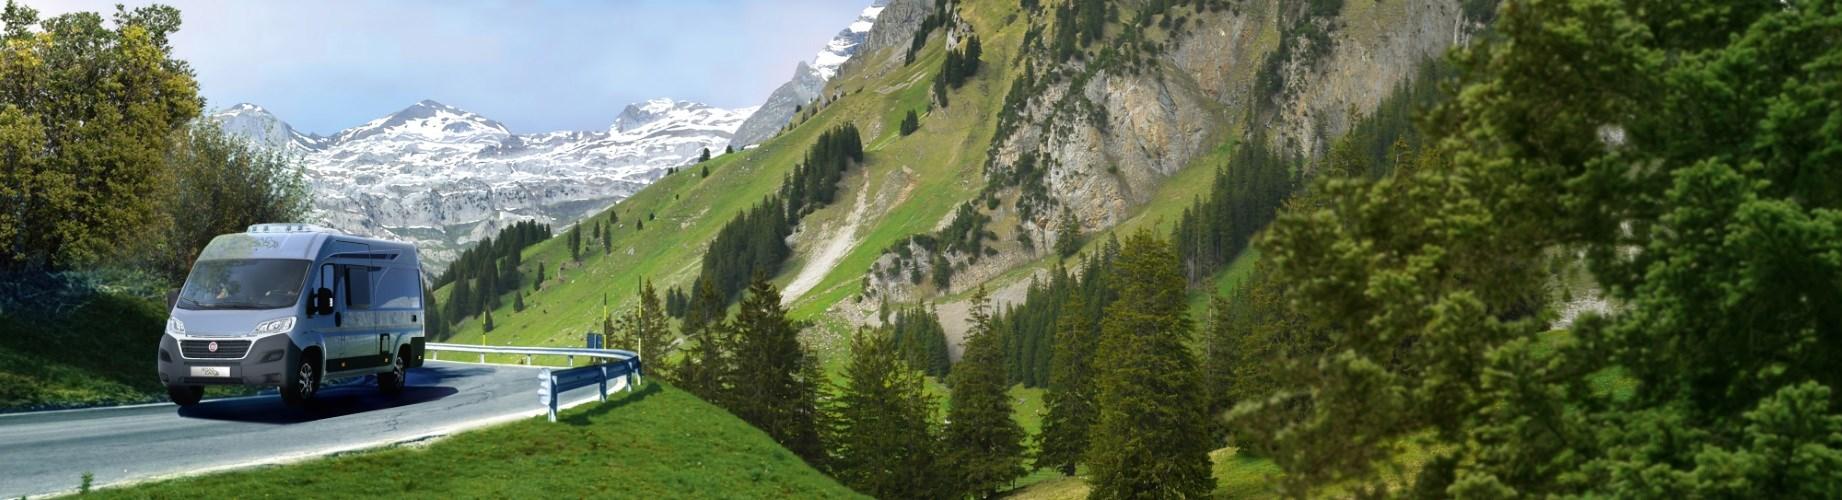 Roadcar v horách